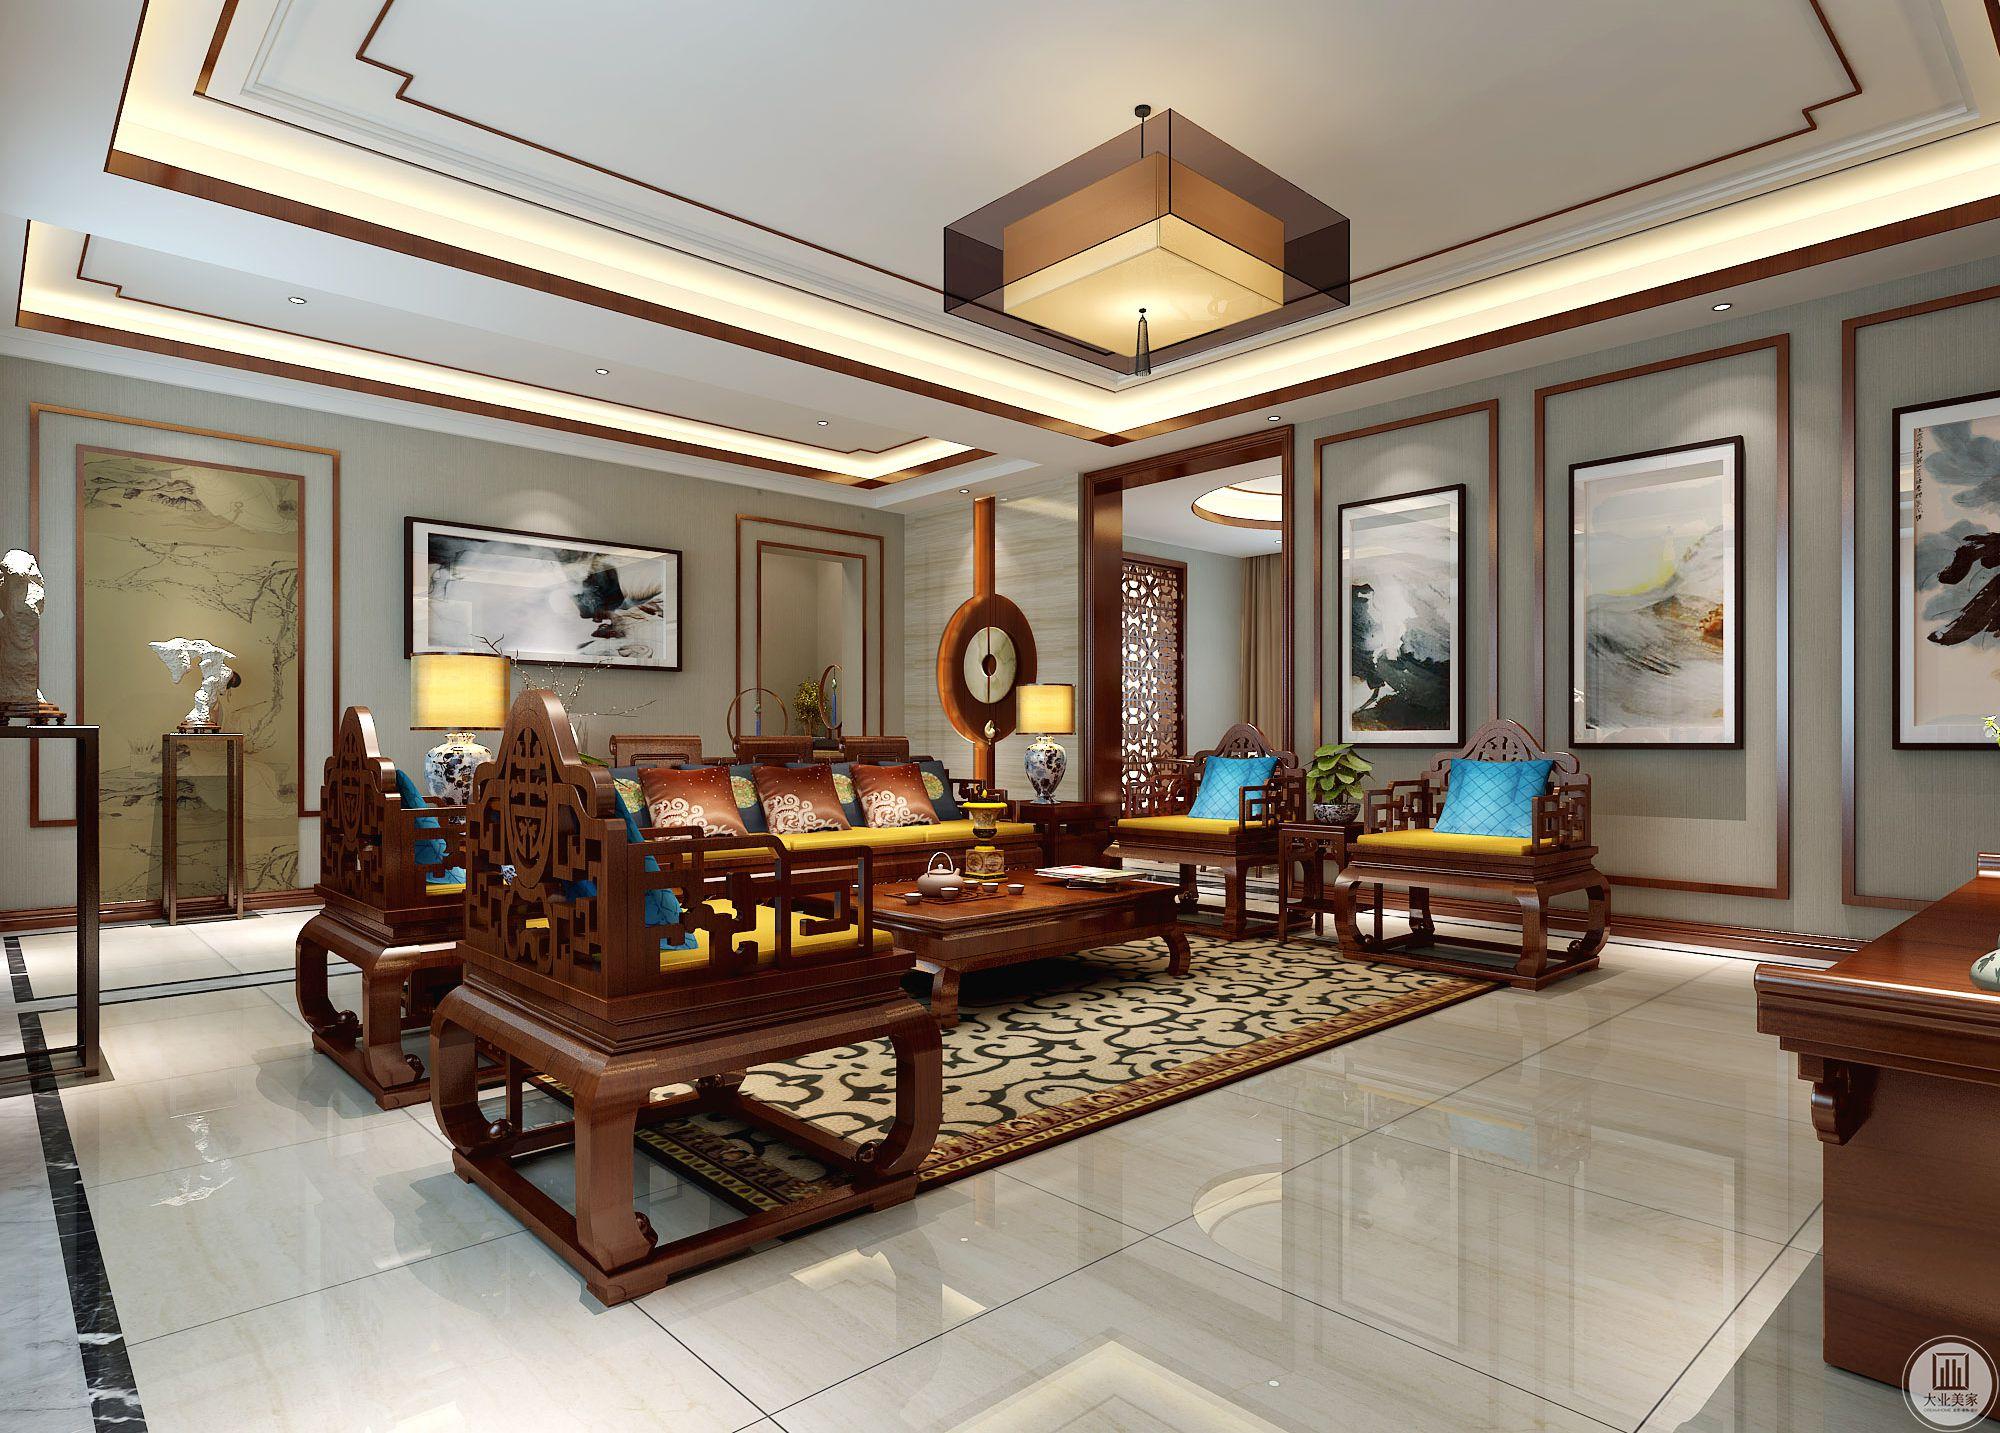 中式风格的古色古香与现代风格的简单素雅自然衔接,使生活的实用性和对传统文化的追求同时得到了满足。